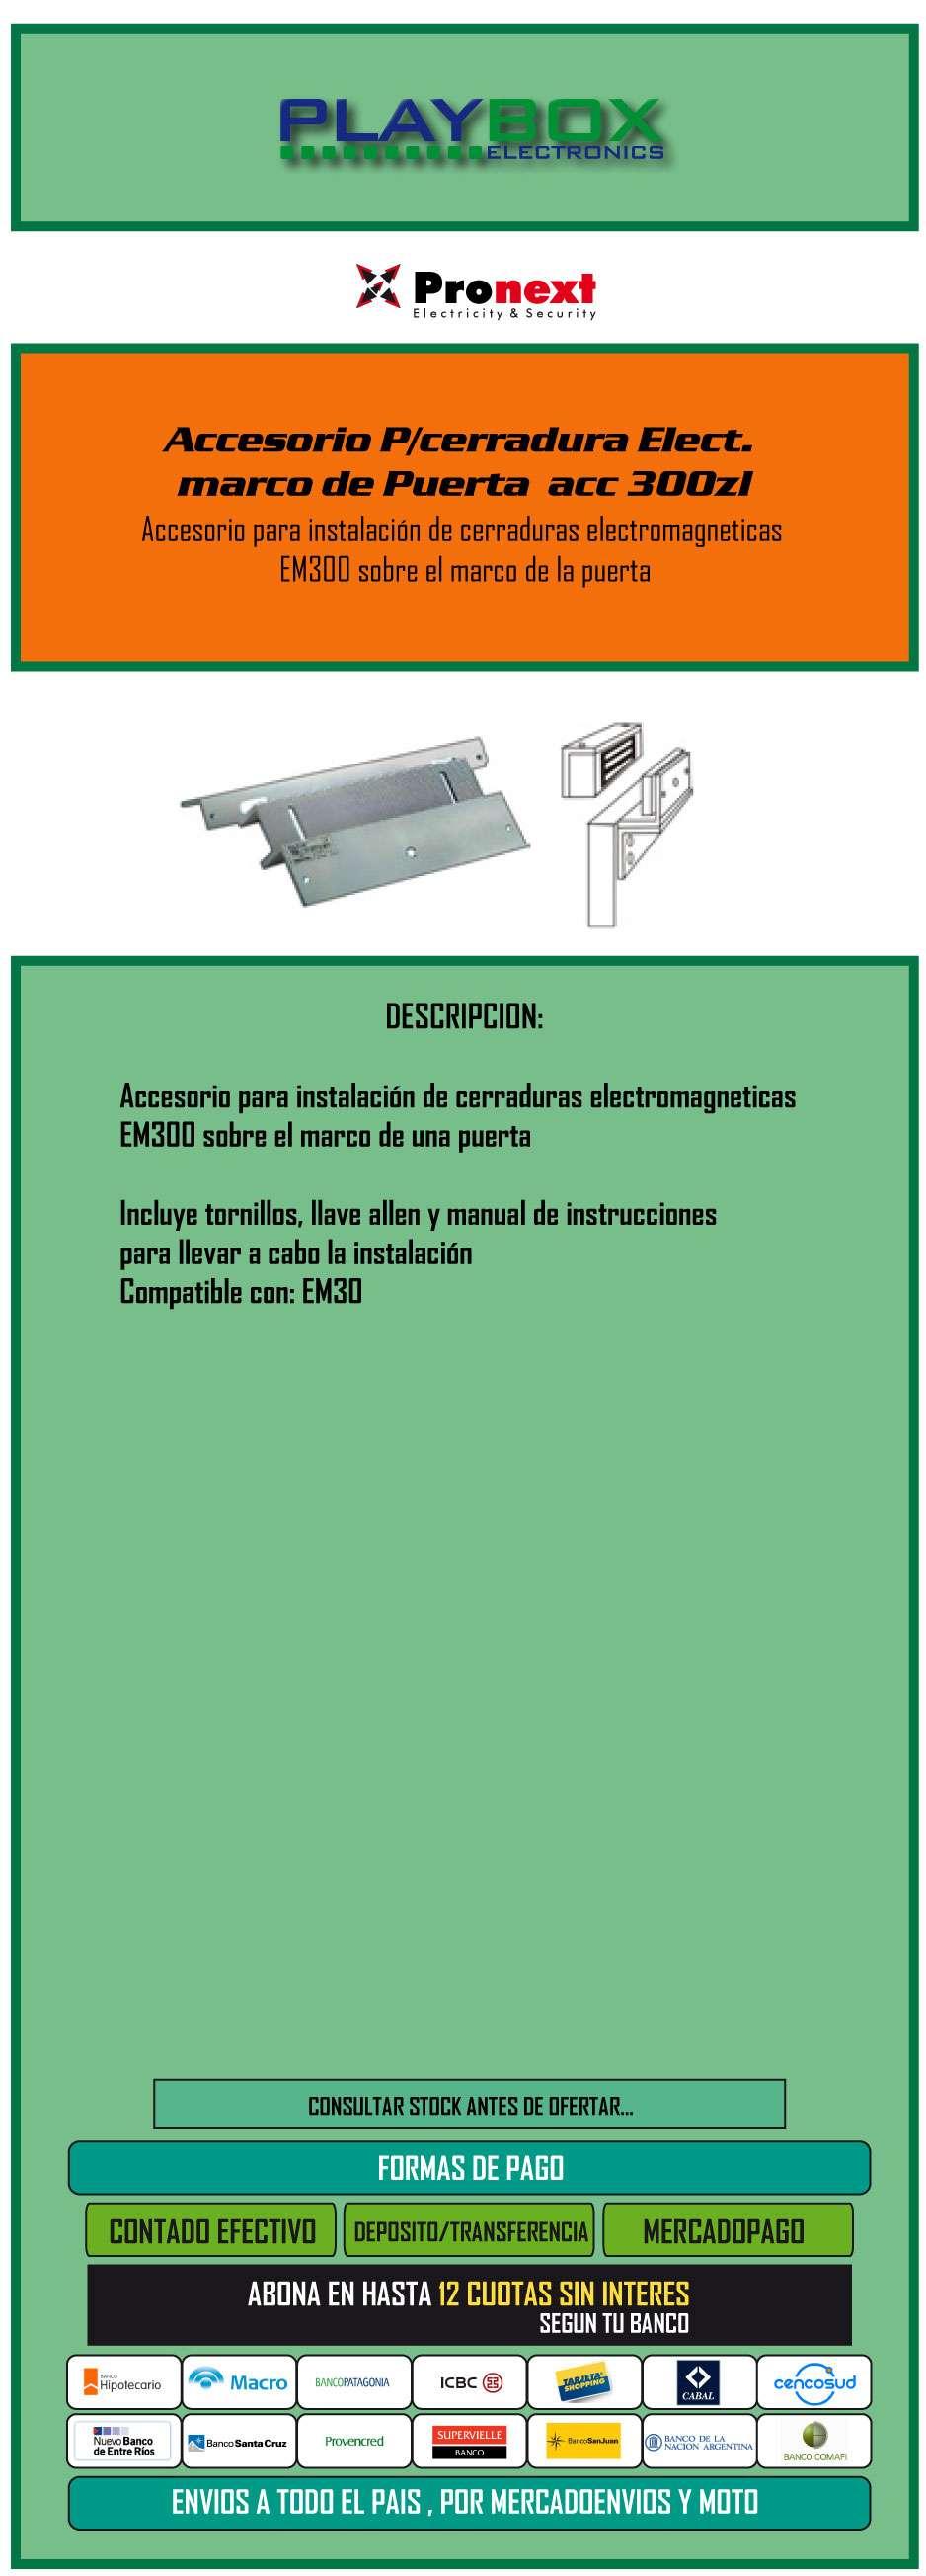 Accesorio P/cerradura Elect. Marco De Puerta Acc 300zl ...